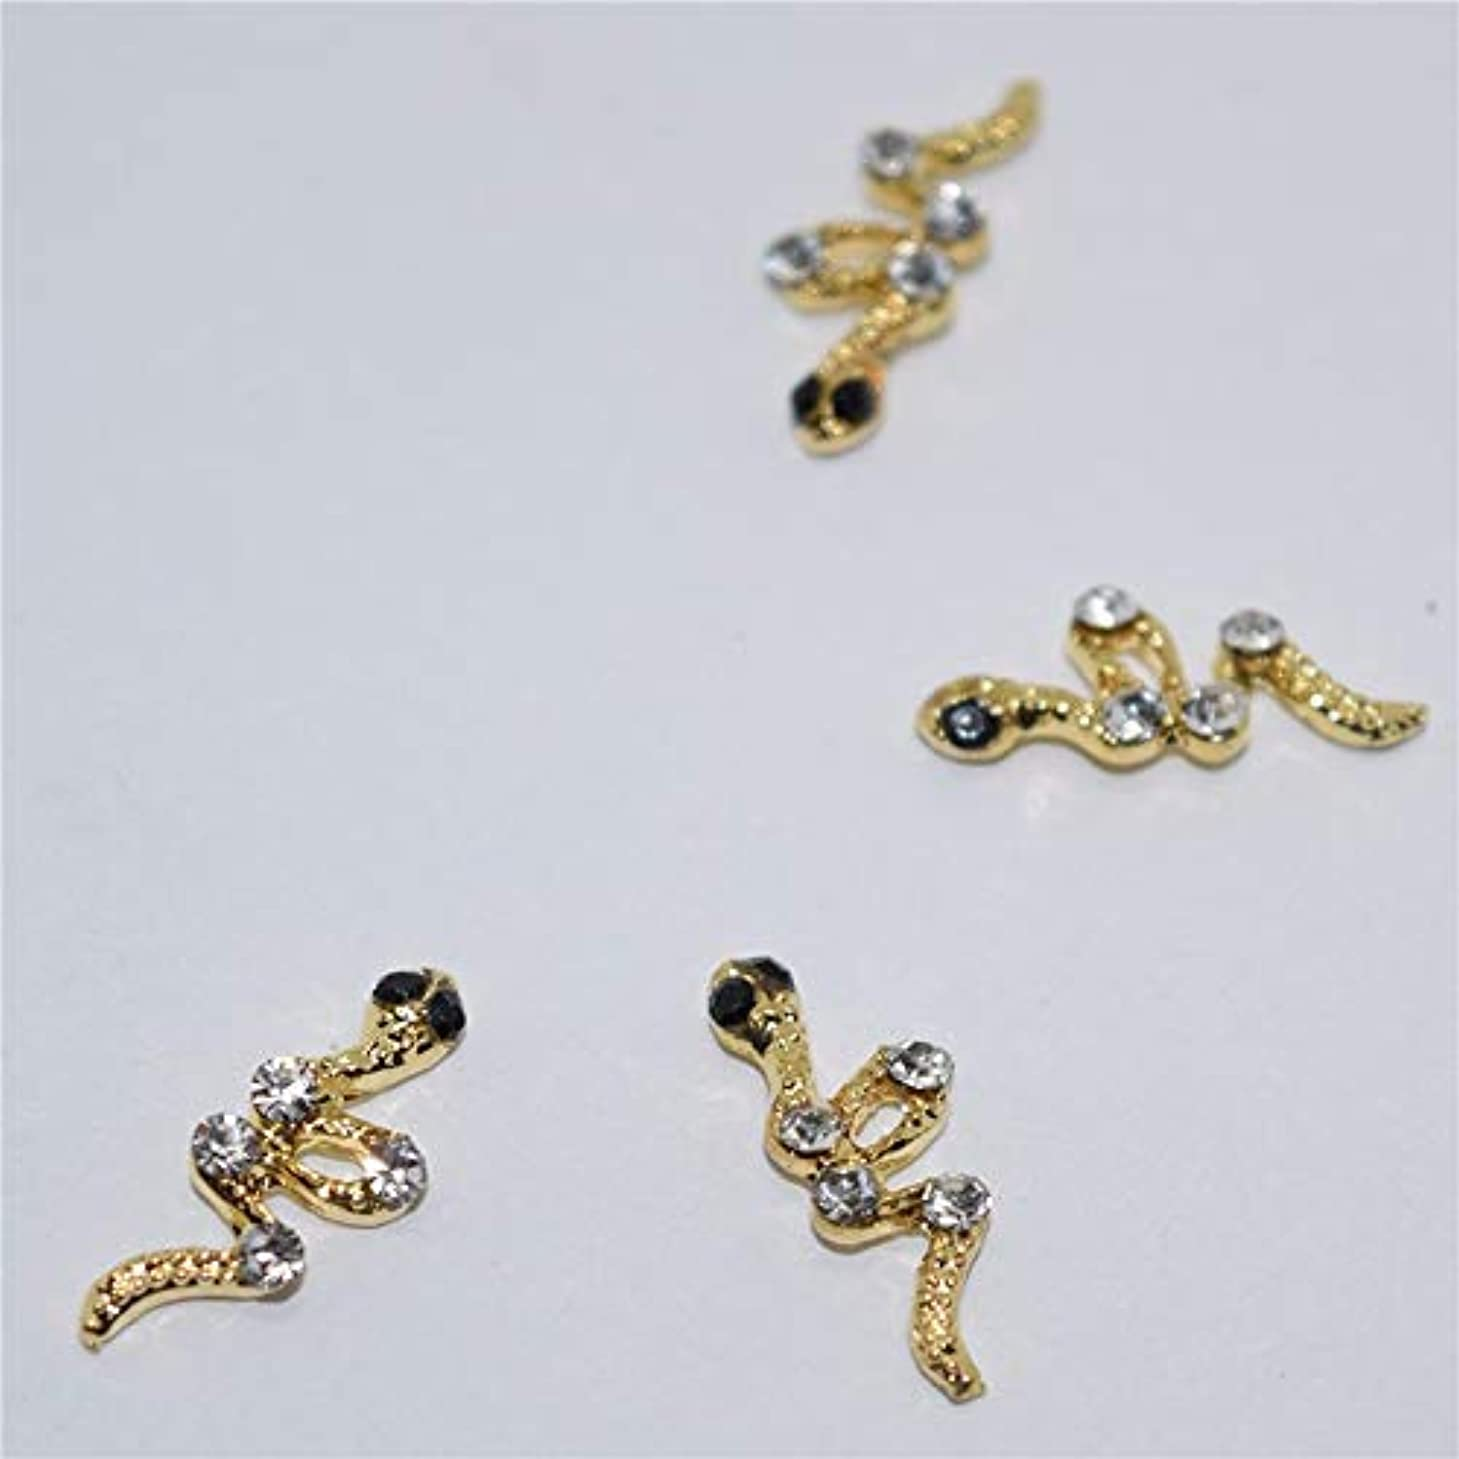 コレクション許される繰り返す10個入りゴールデンスネーク動物の3Dネイルアートの装飾合金ネイルチャームネイルズラインストーンネイル用品